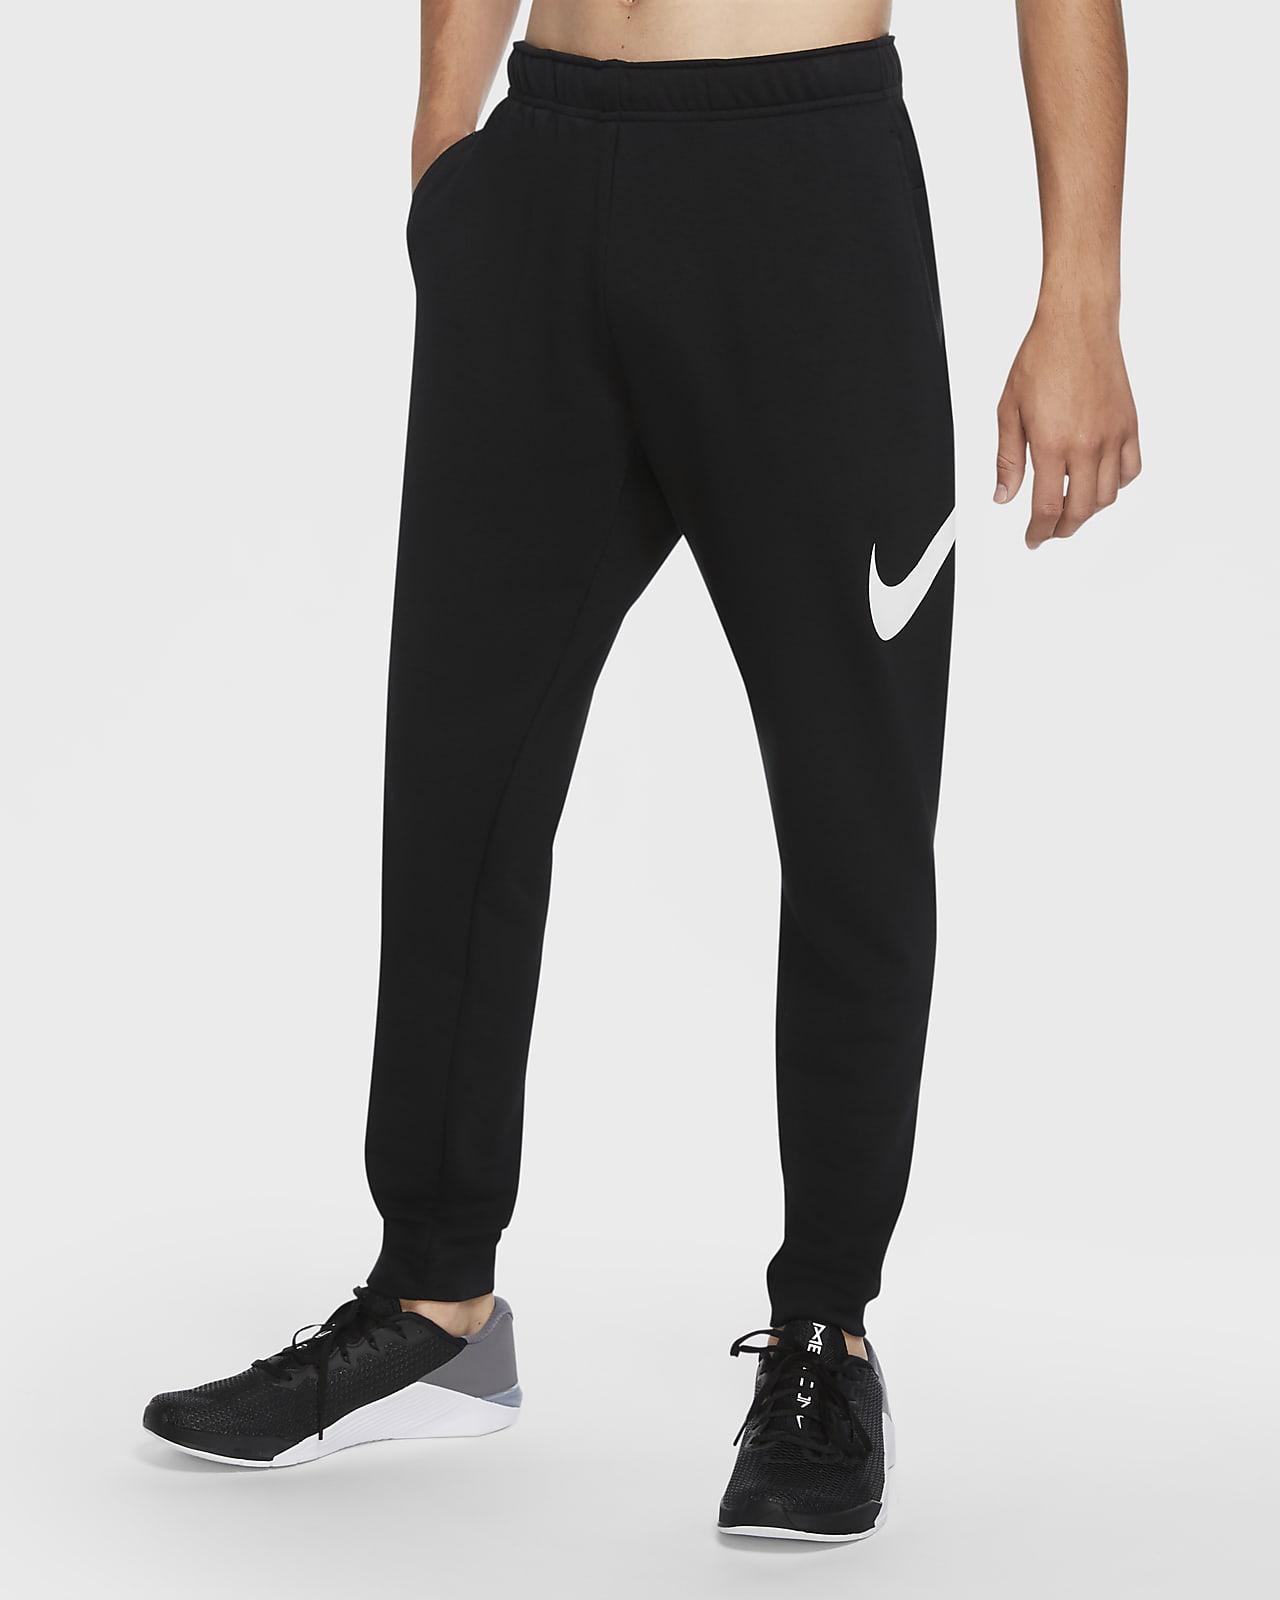 กางเกงเทรนนิ่งผู้ชายทรงขาเรียว Nike Dri-FIT